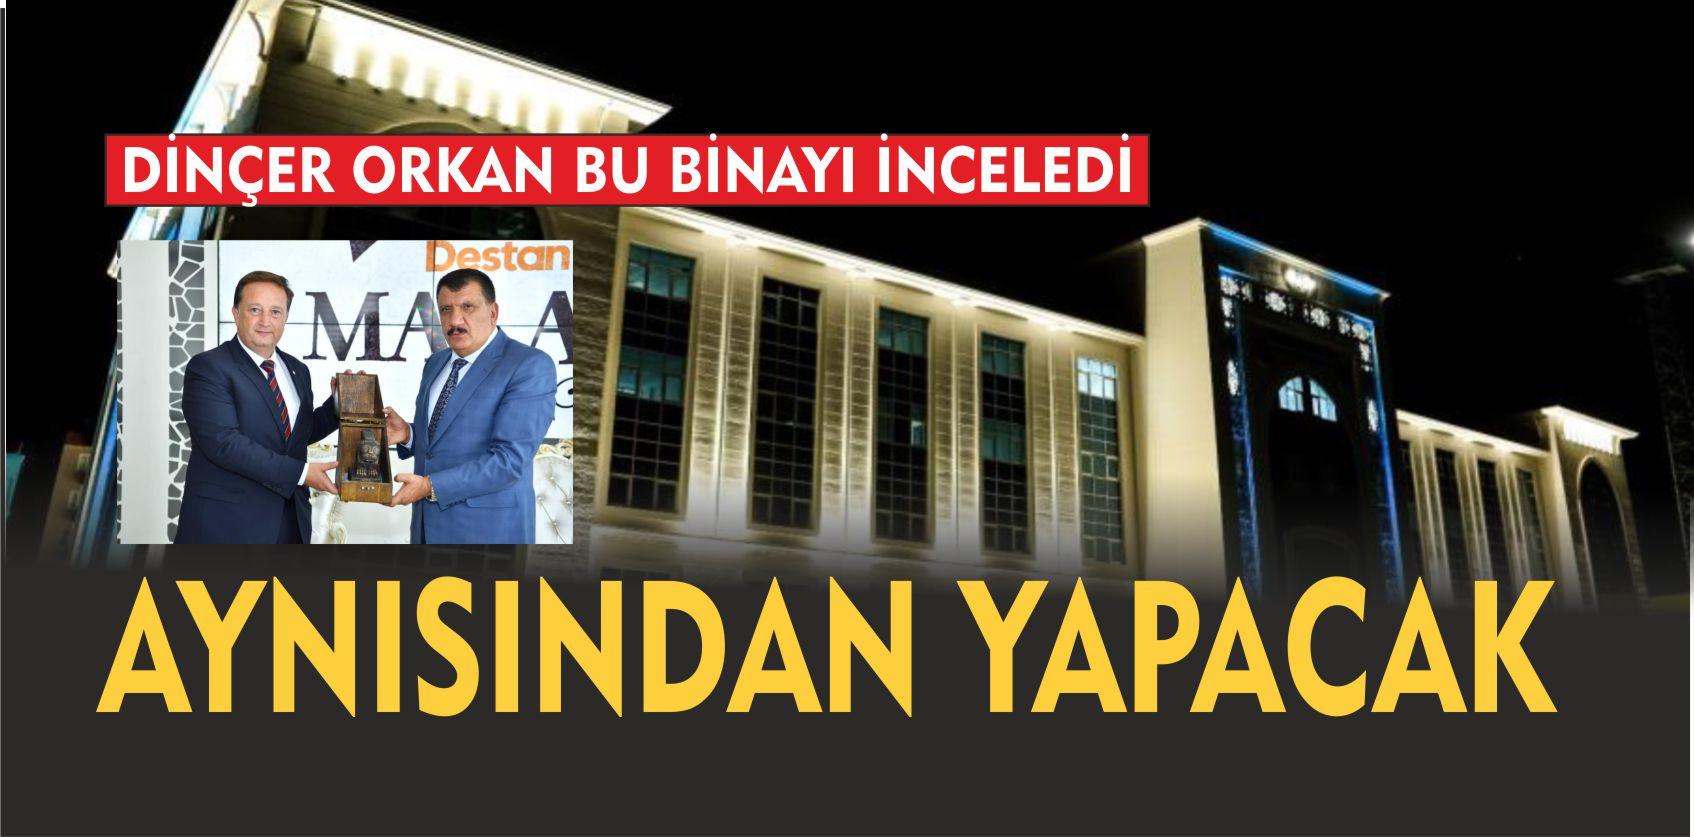 KARESİ'YE AYNISINDAN YAPACAK!